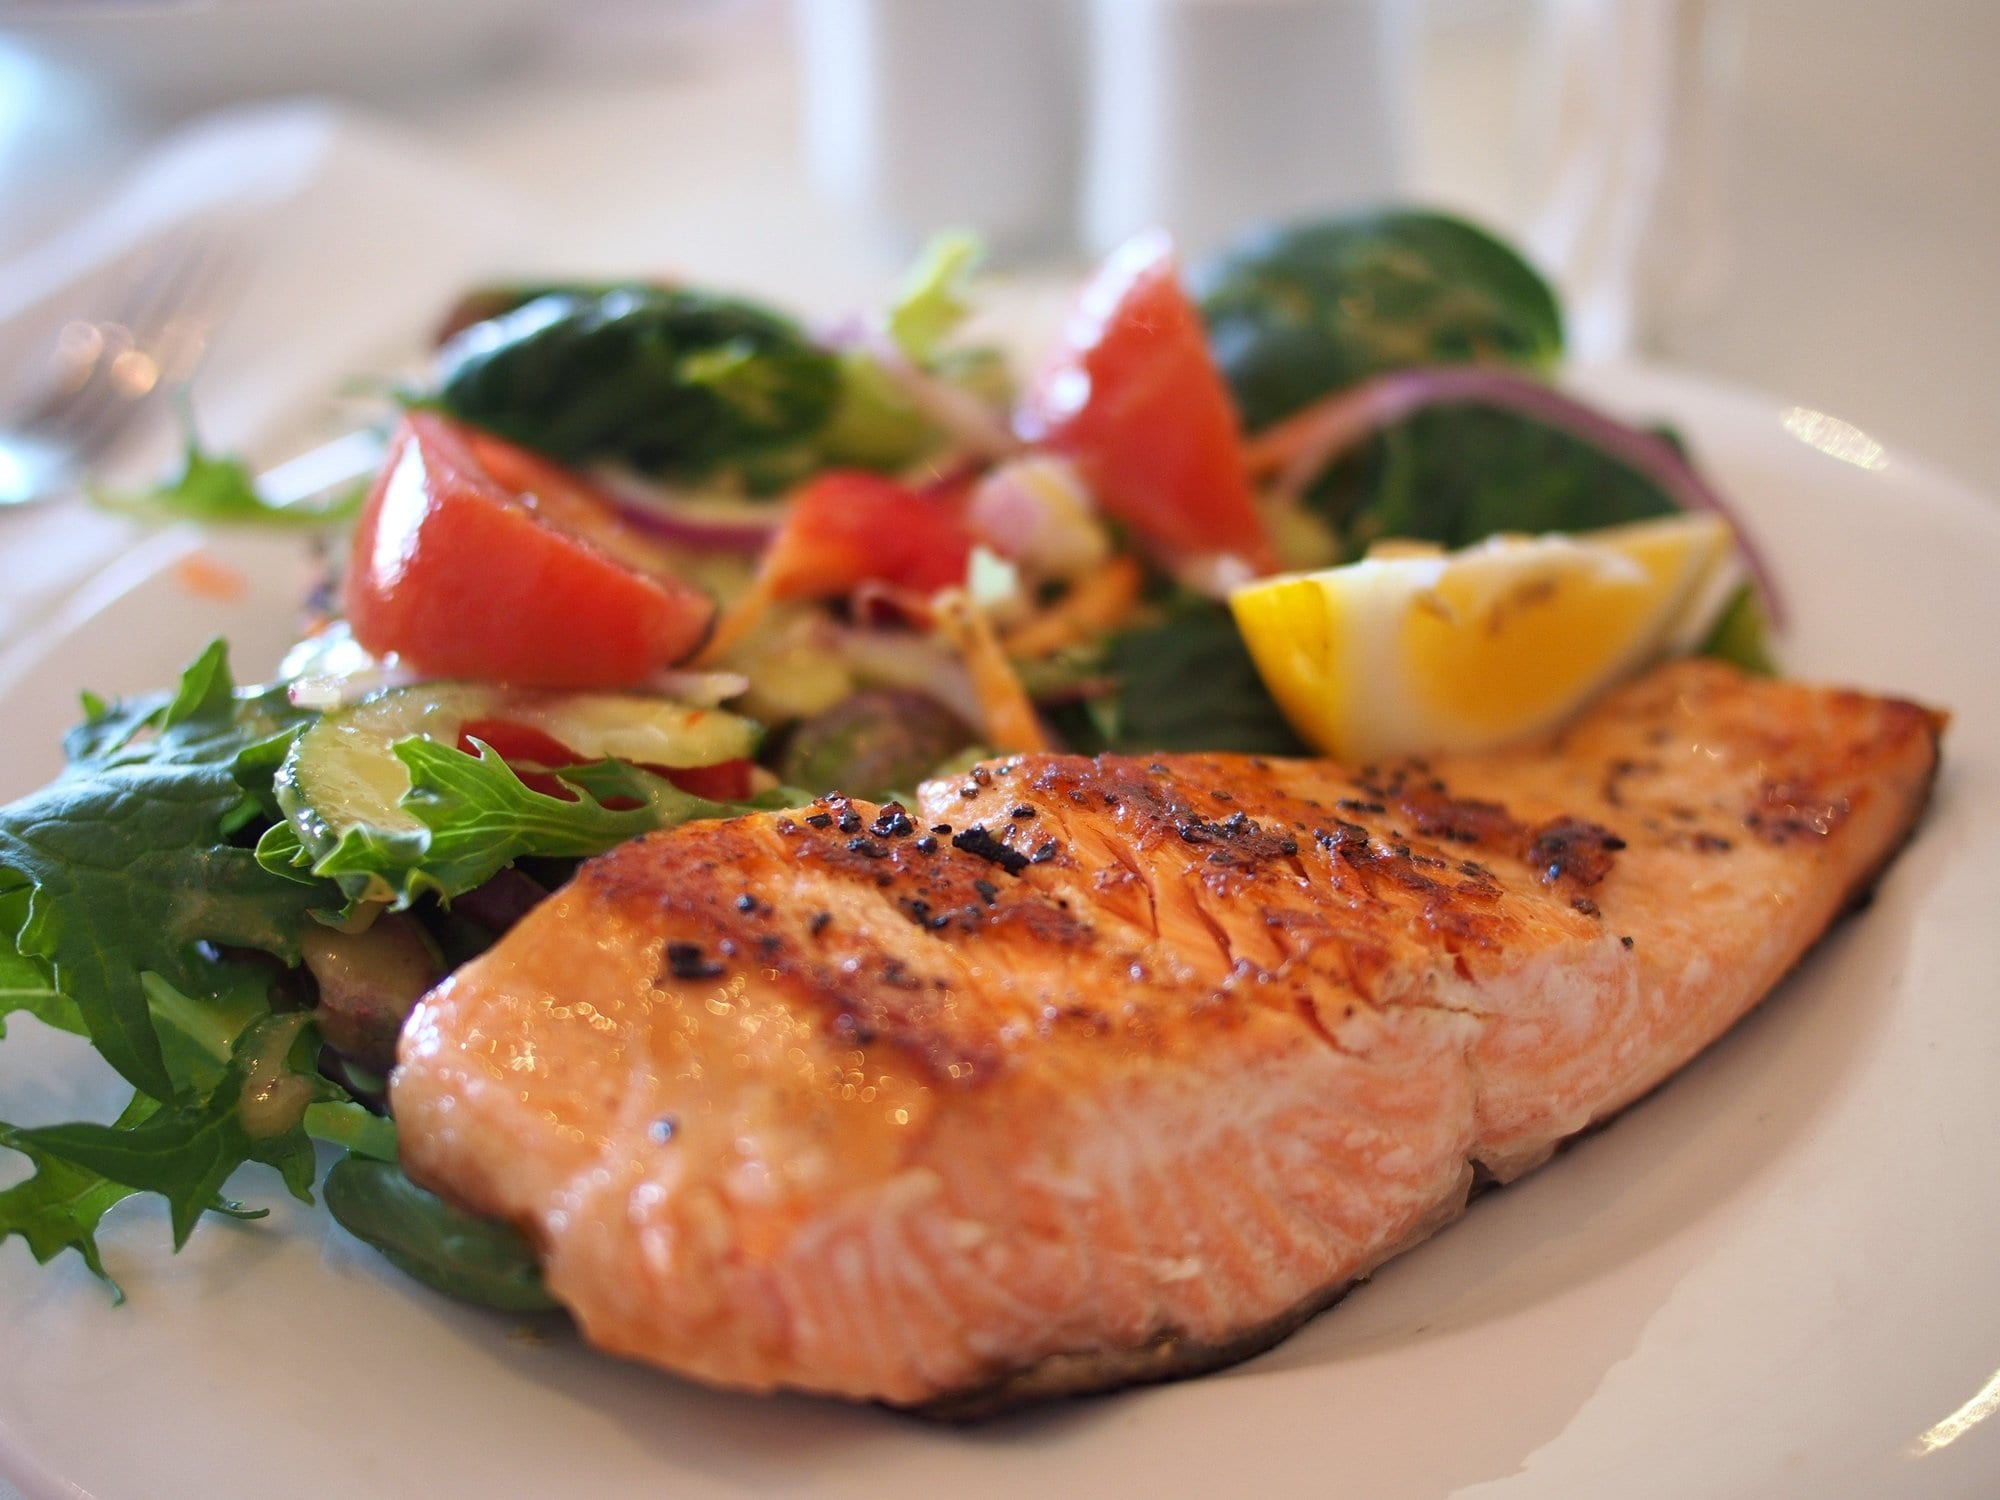 Meilleurs Endroits Pour Manger A Dubaï | Vos Plats De Rêve Deviennent Réalité